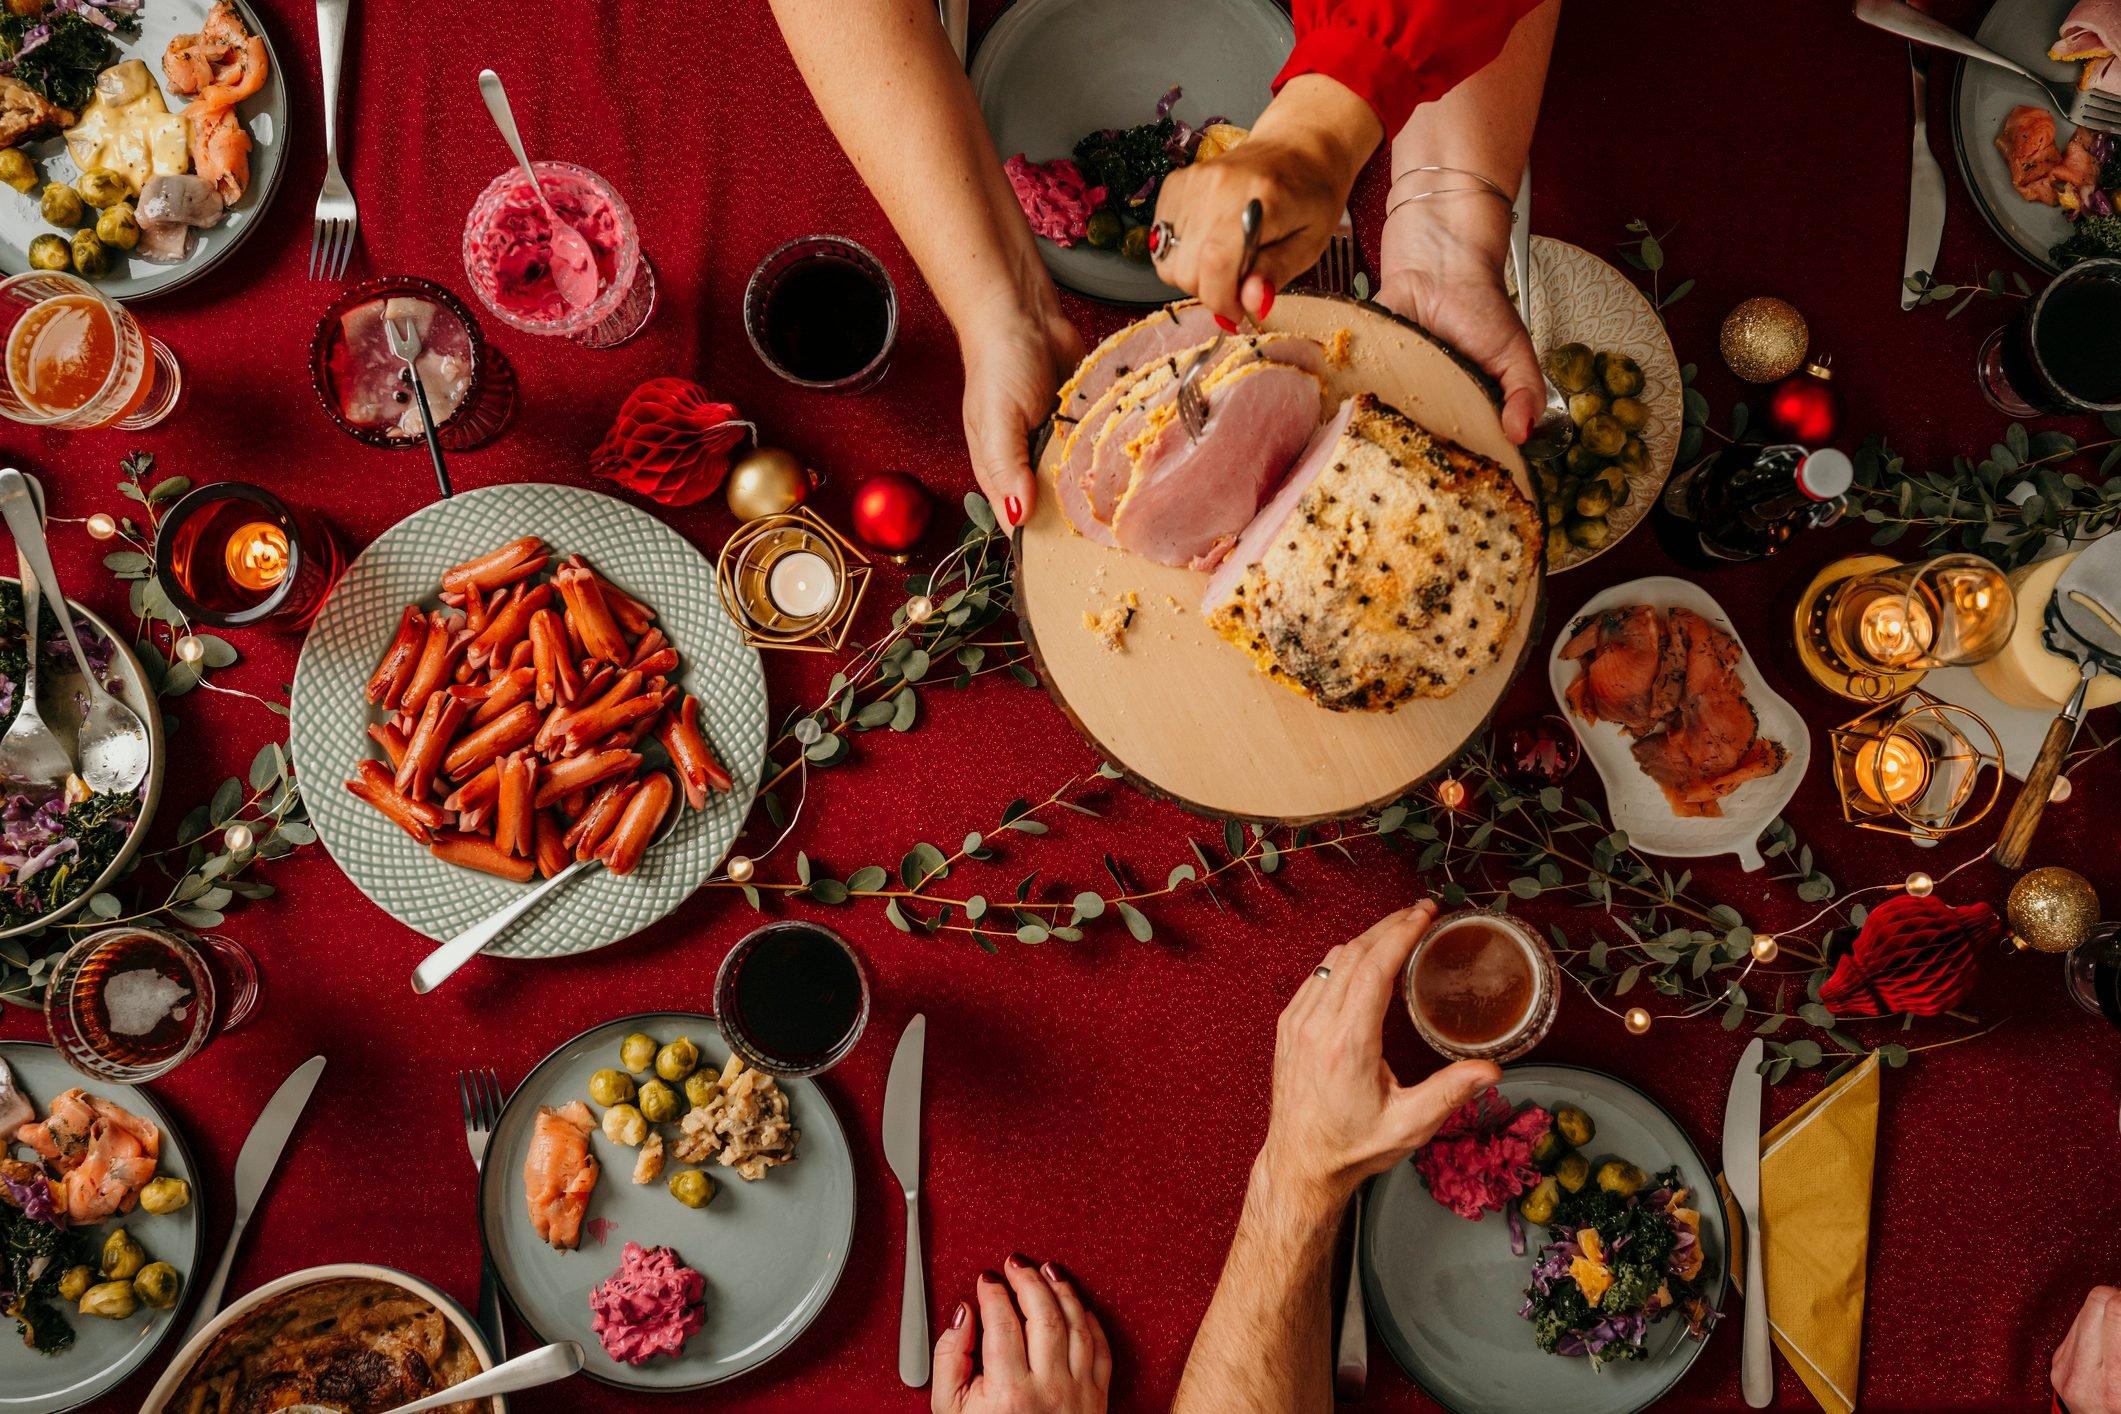 Christmas Food Smorgasbord